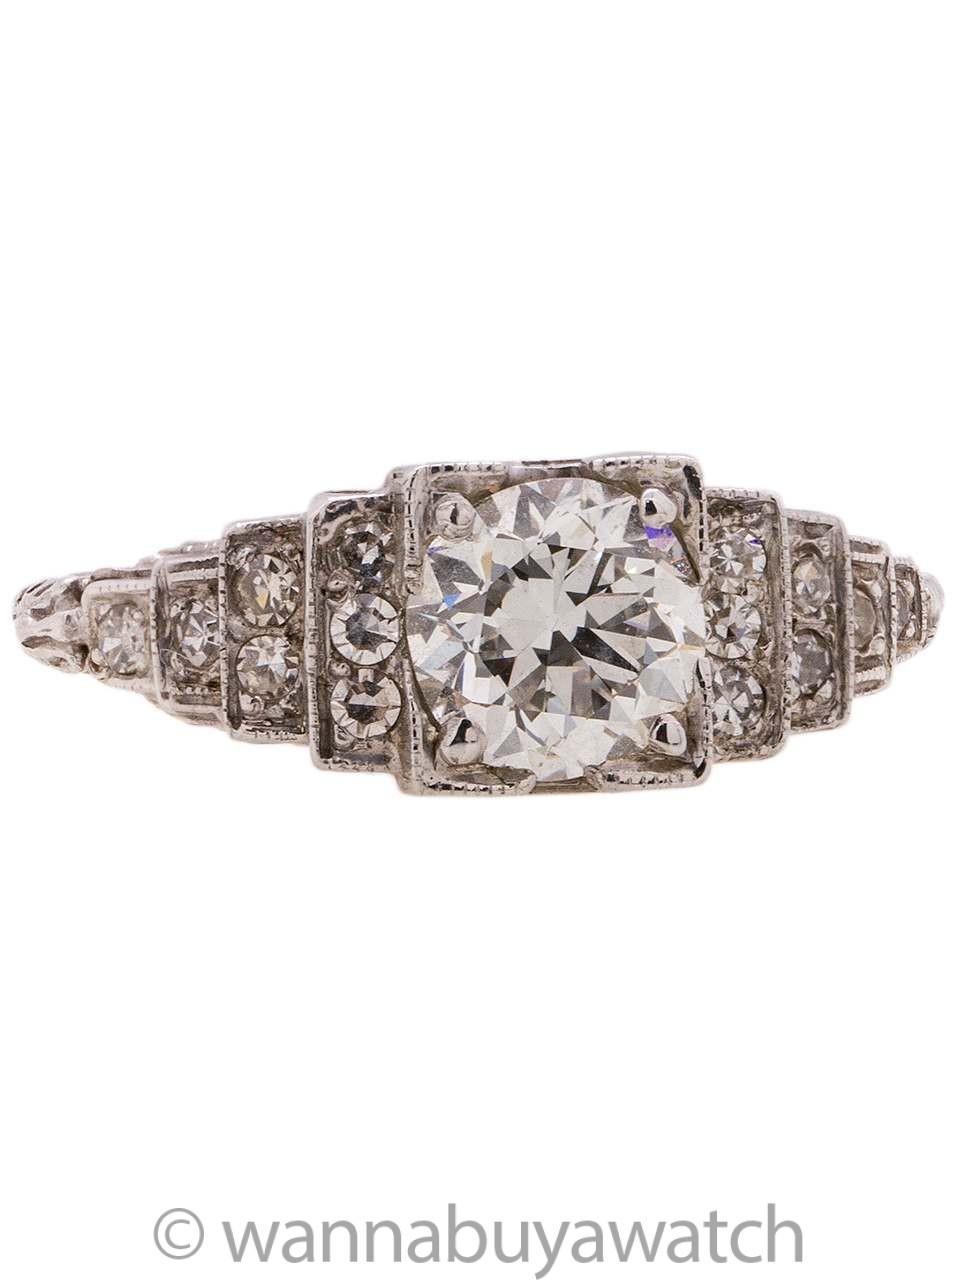 4c1ba44f46fb9 Vintage Art Deco Engagement Ring Platinum 1.23ct OEC H/VS1 circa 1920s